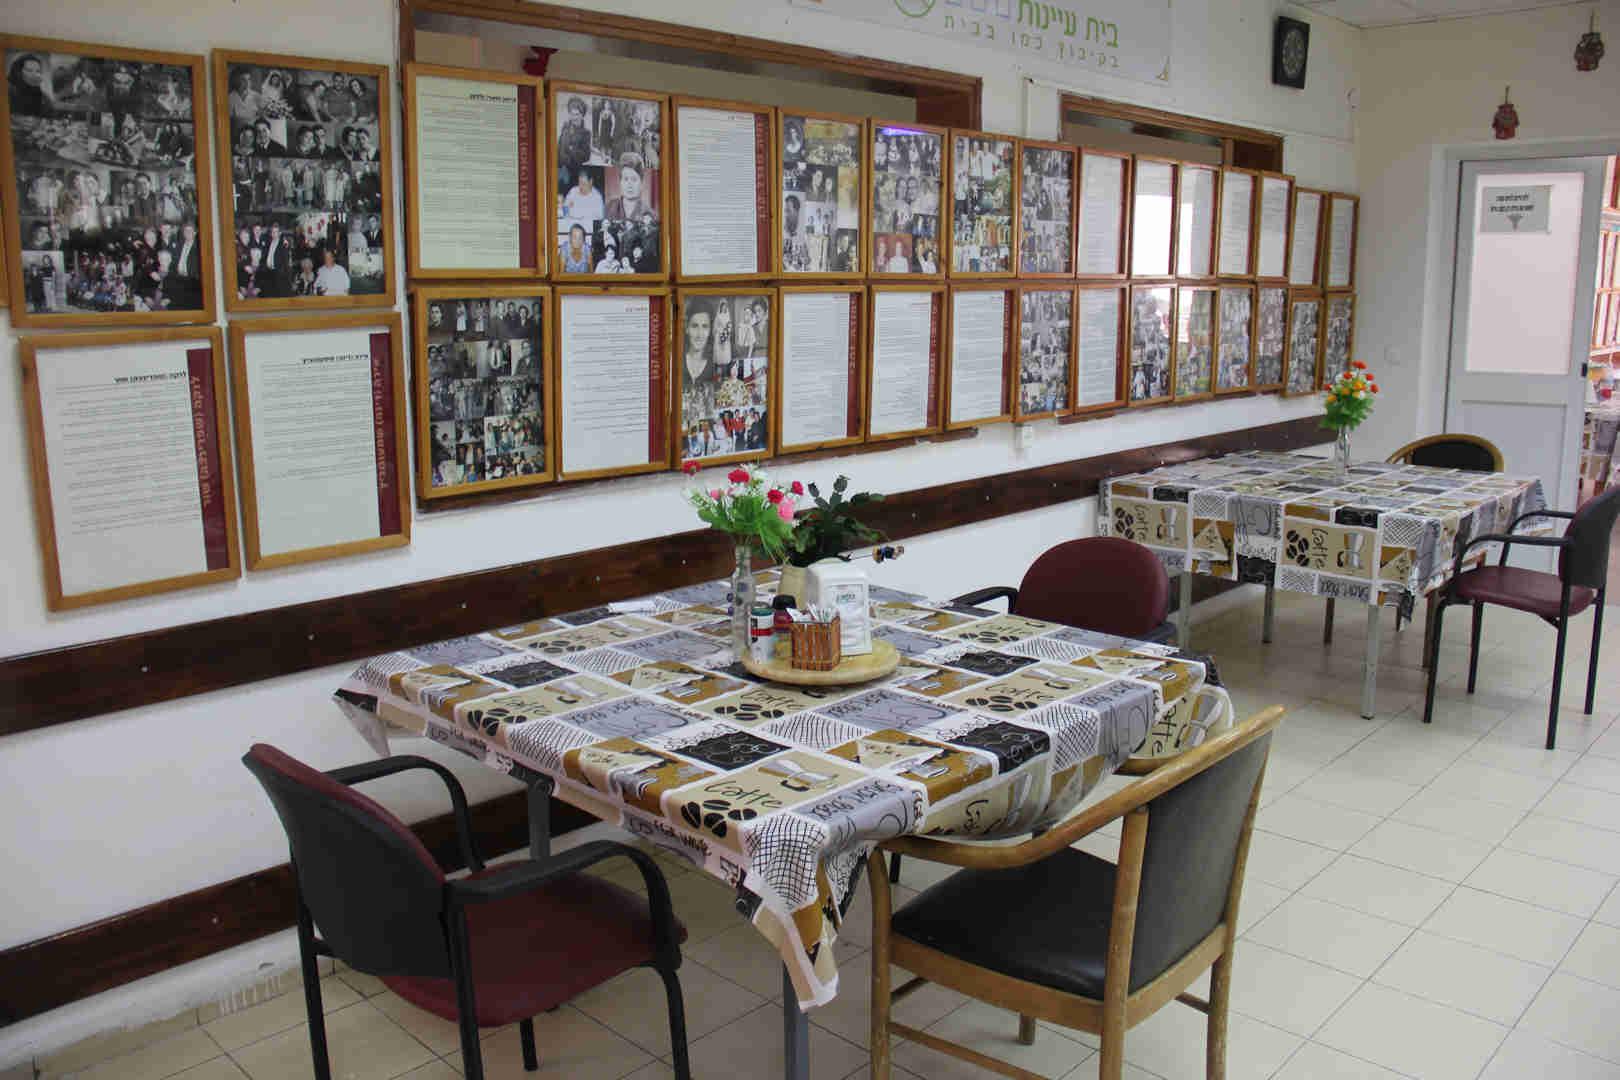 בית עיינות – בית אבות בקיבוץ רמת דוד חדר אוכל